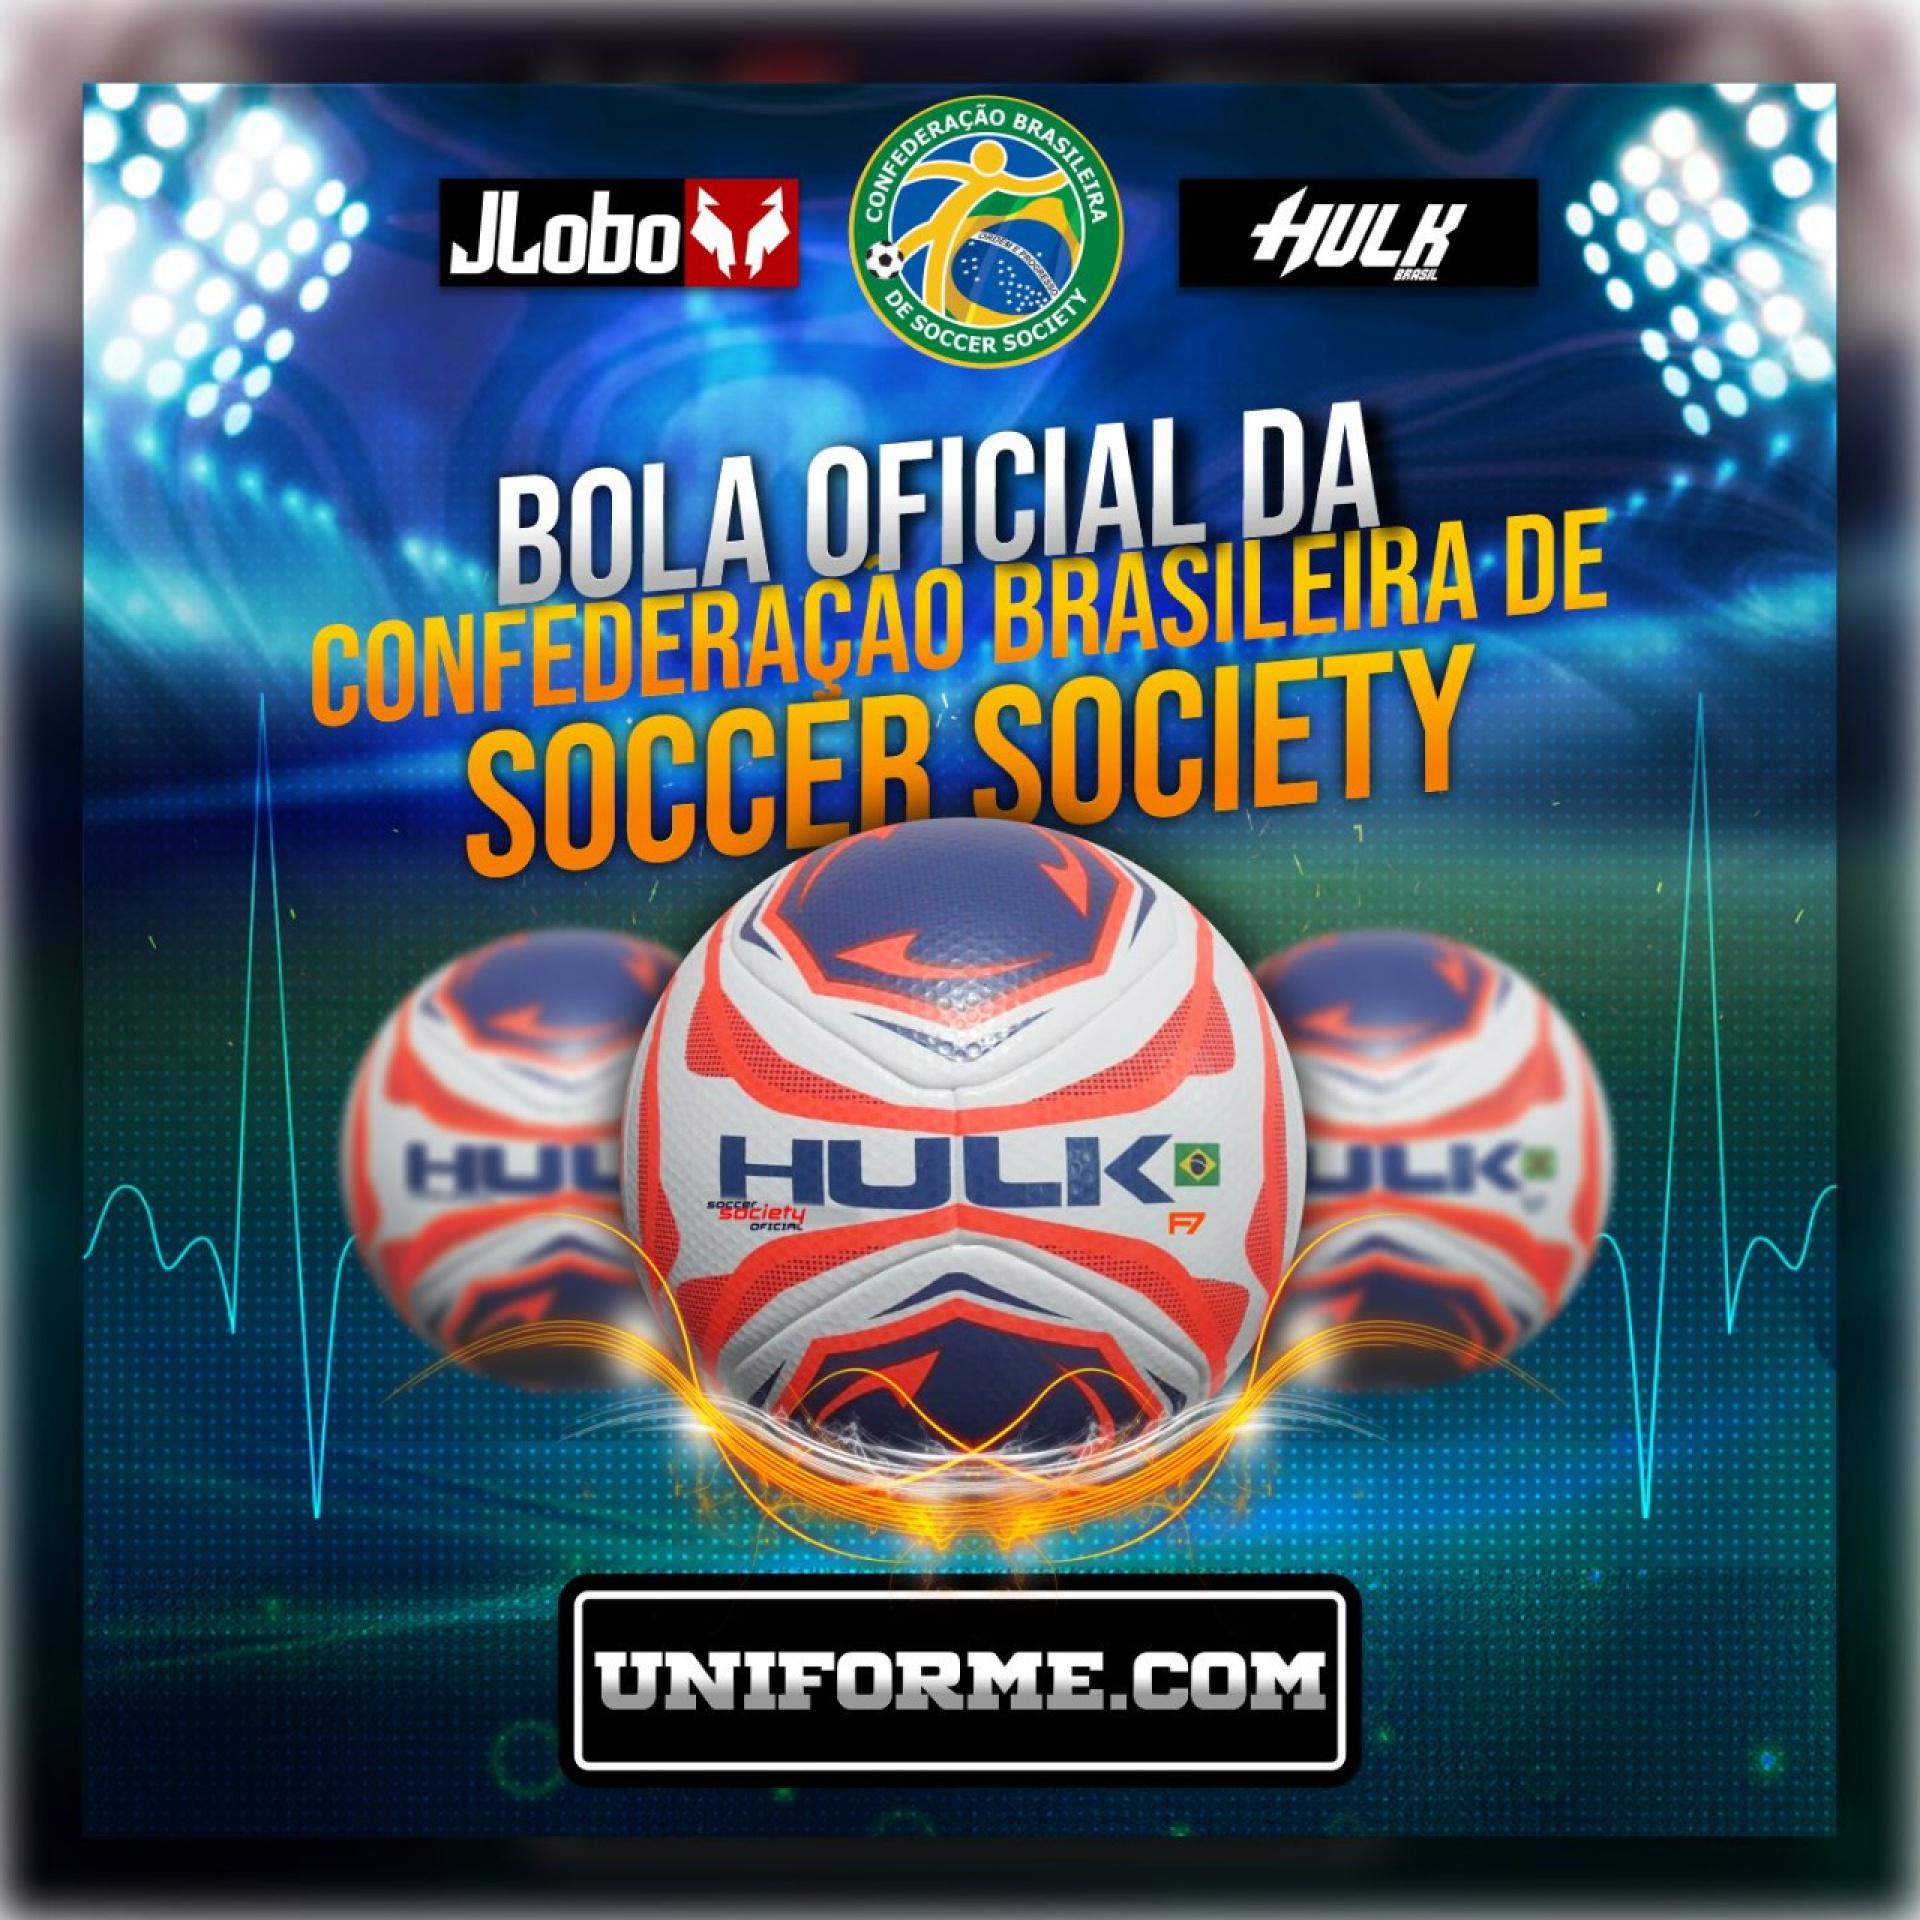 HULK a BOLA OFICIAL DA CONFEDERAÇÃO BRASILEIRA DE SOCCER SOCIETY